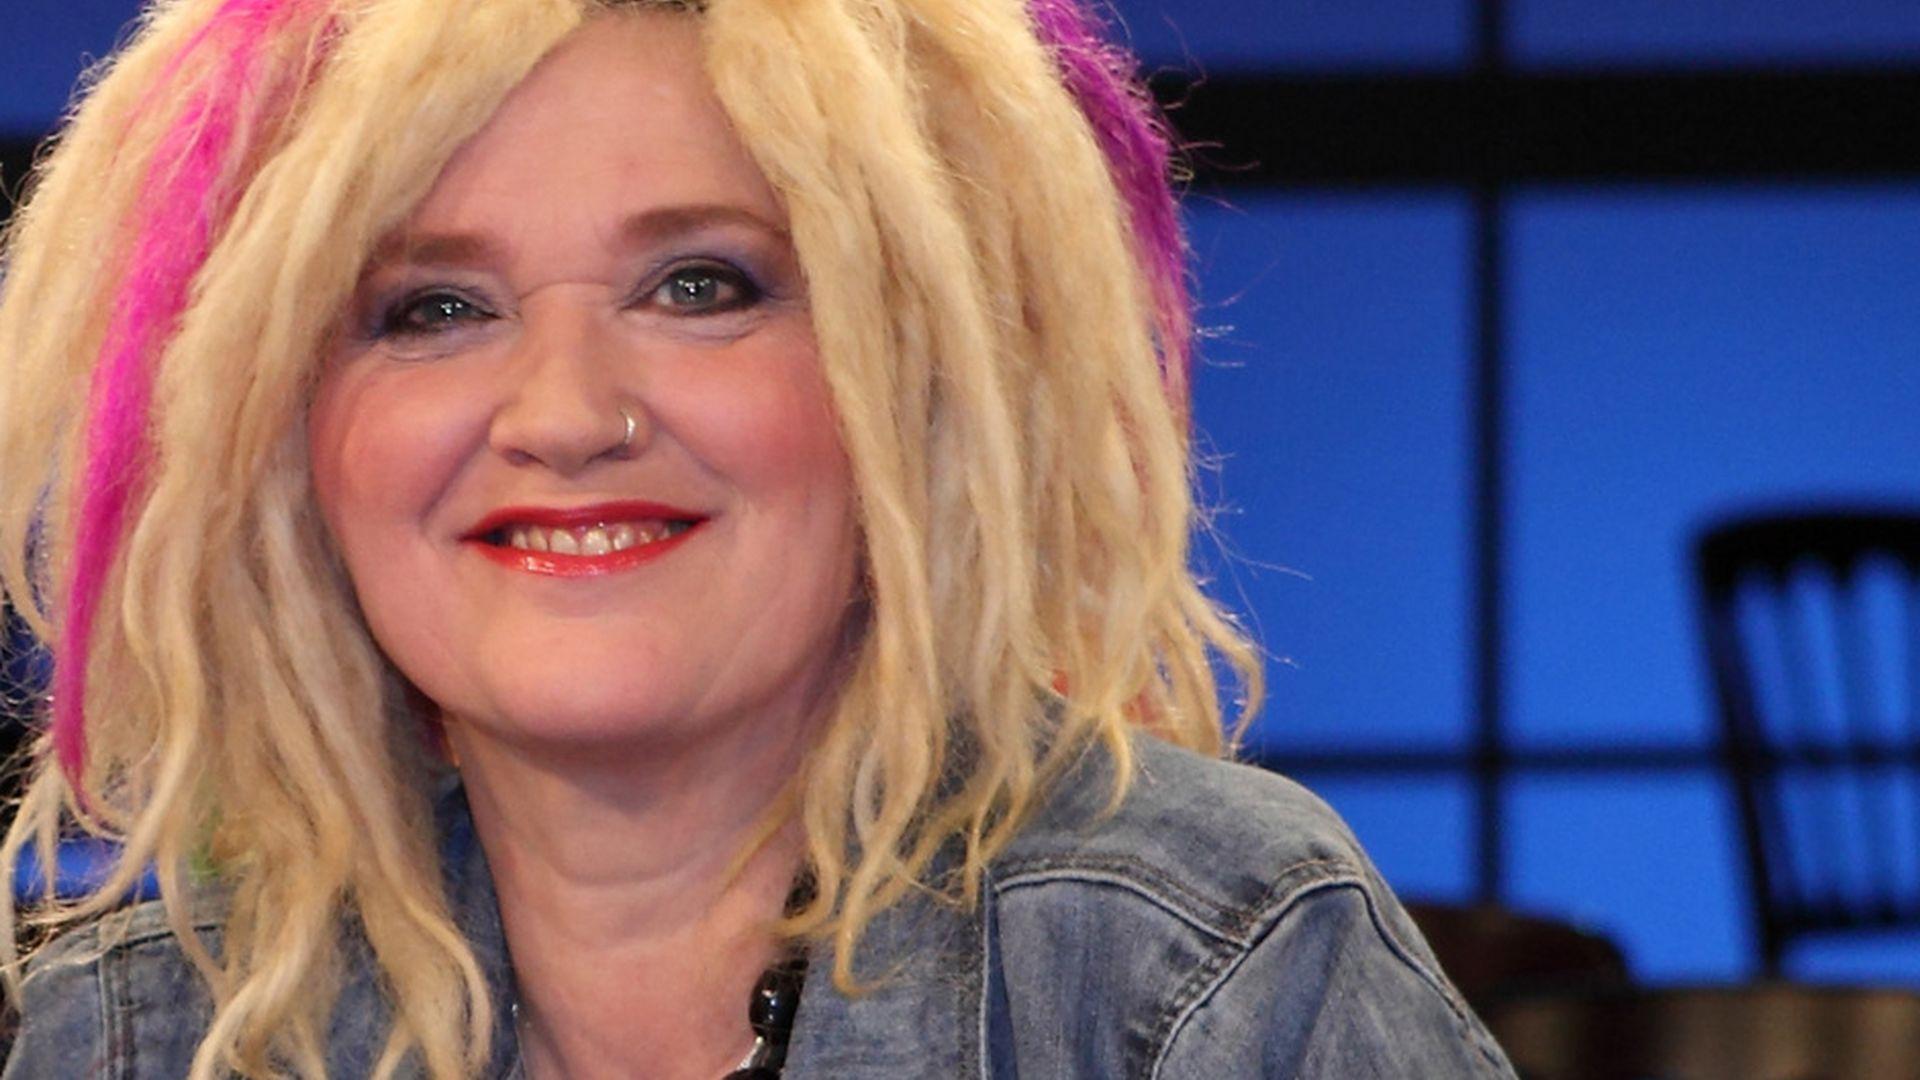 Gaby Köster Lieber Tot Als Erneuter Schlaganfall Promiflashde